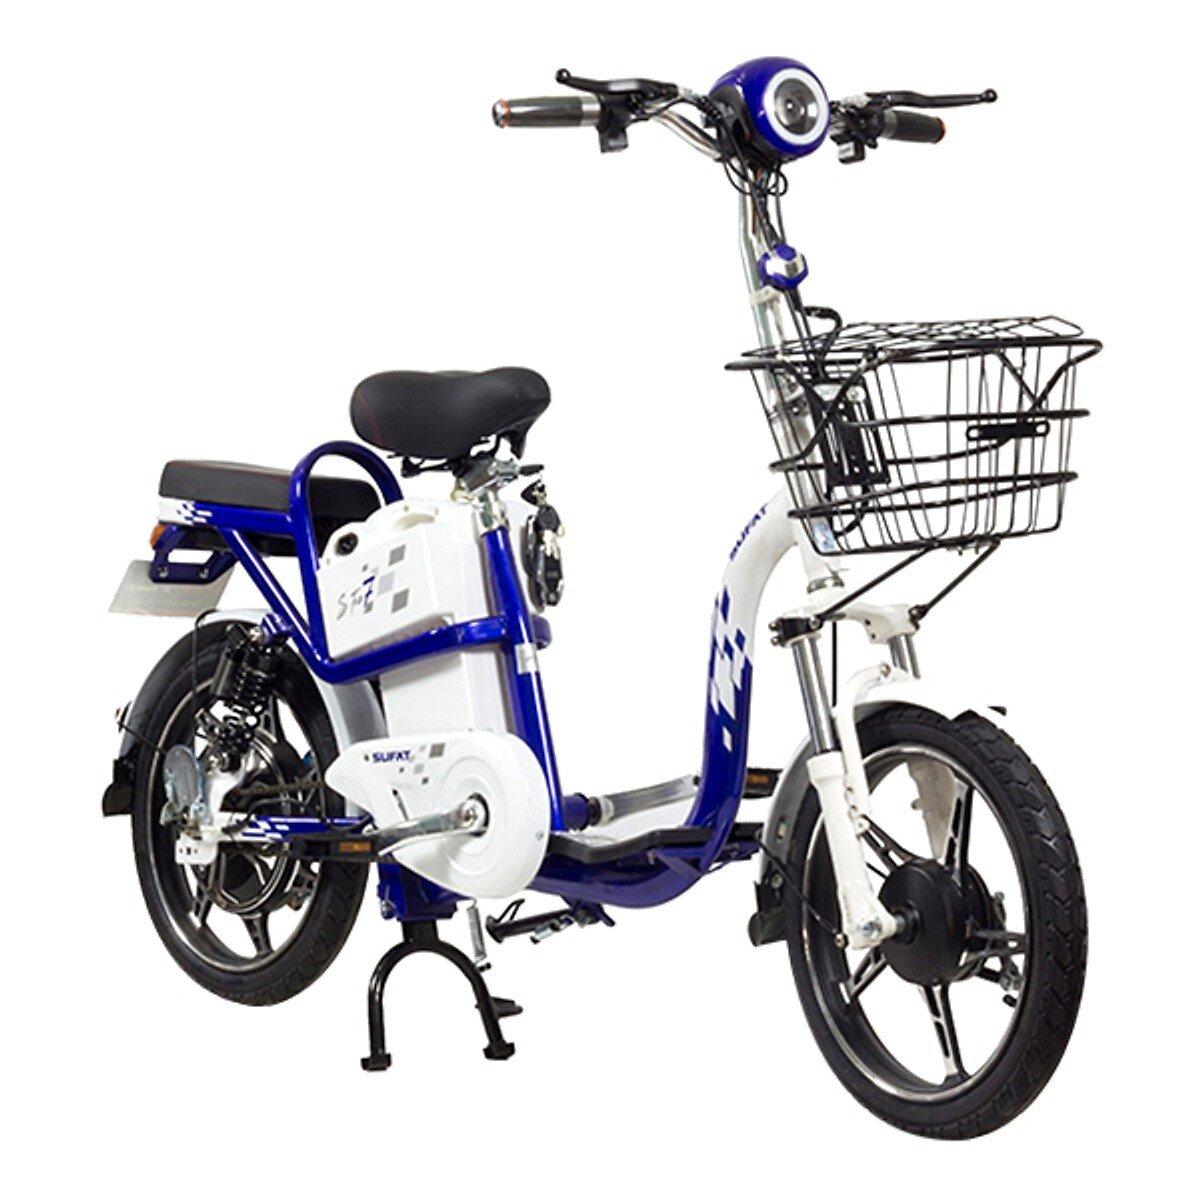 Xe đạp điện Sufat SF7 kiểu dáng đẹp, dễ di chuyển